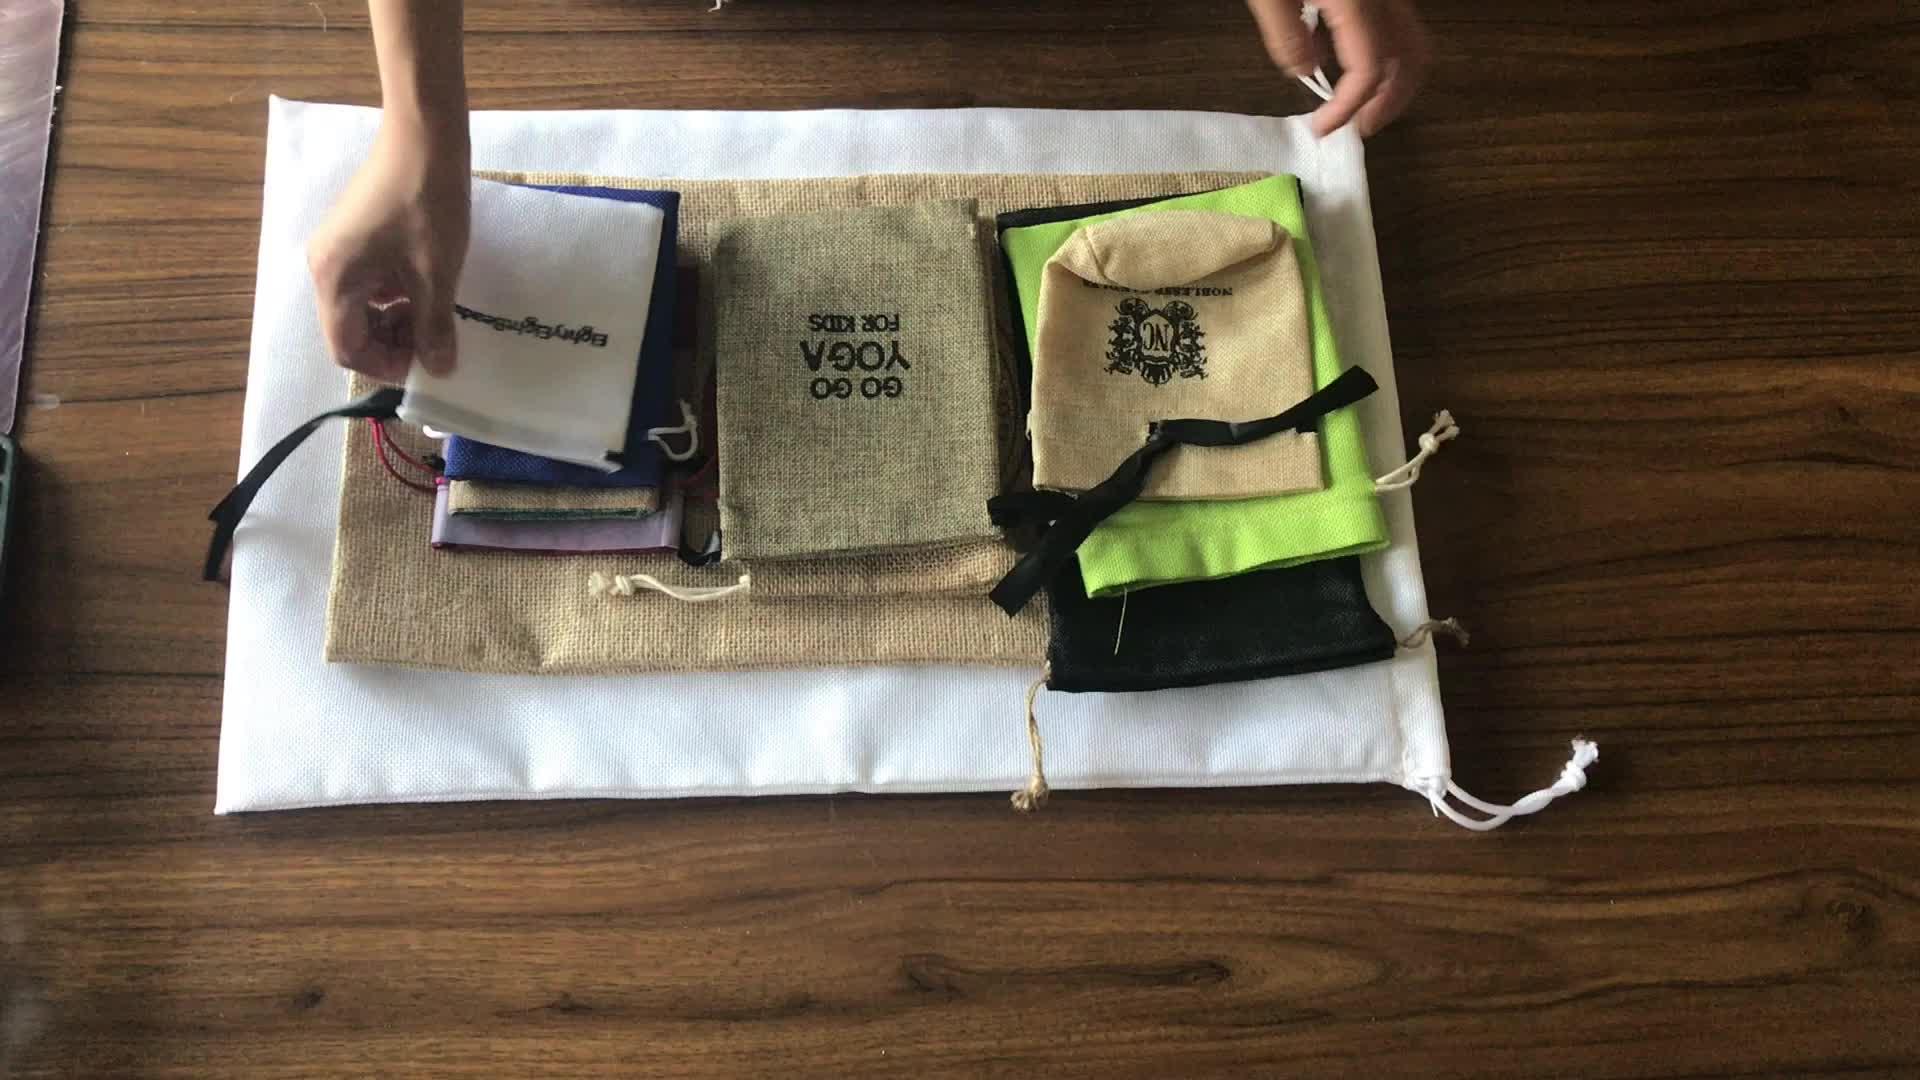 कस्टम कोको बीन्स पौधों के लिए जूट बैग चटाई बोरी बीज